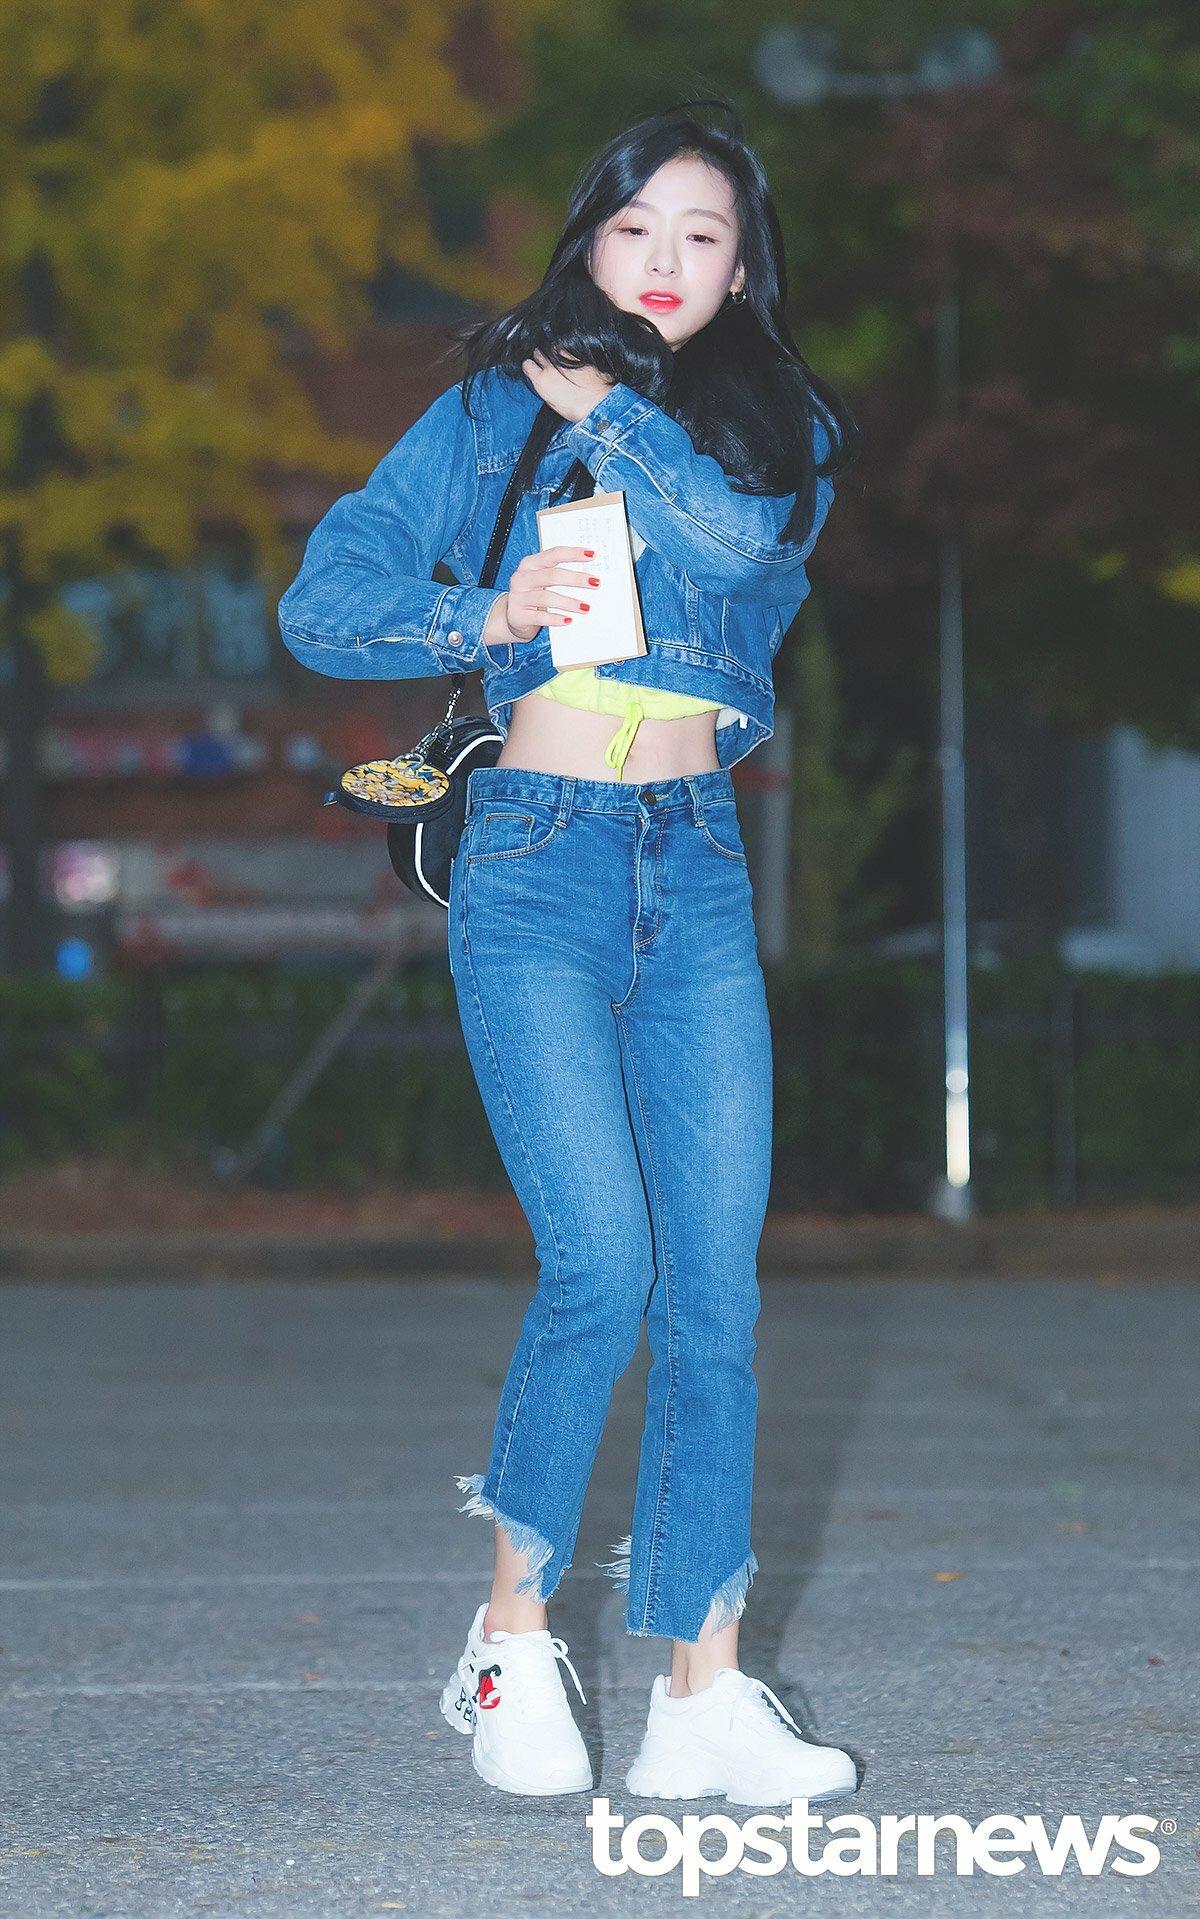 Jin Sol (April) là một trong những idol nữ có vòng eo nhỏ nhất Kpop. Eo thon, vóc dáng nhỏ nhắn giúp Jin Sol dễ dàng chinh phục các loại trang phục như croptop.